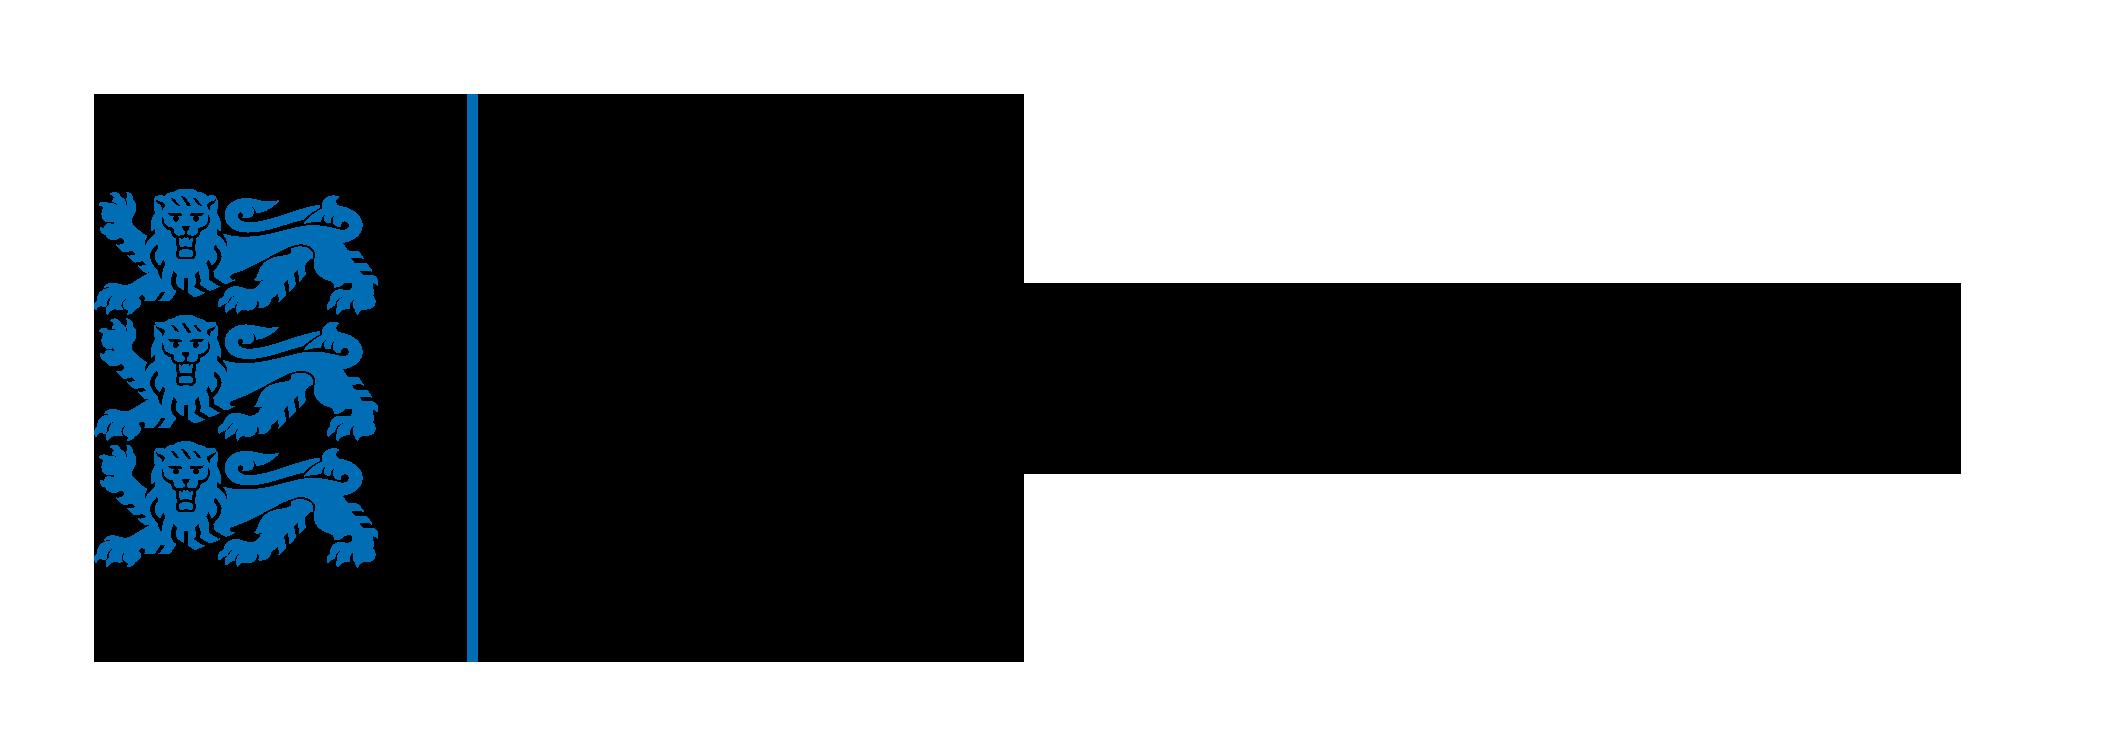 src/assets/images/logo-eng.png